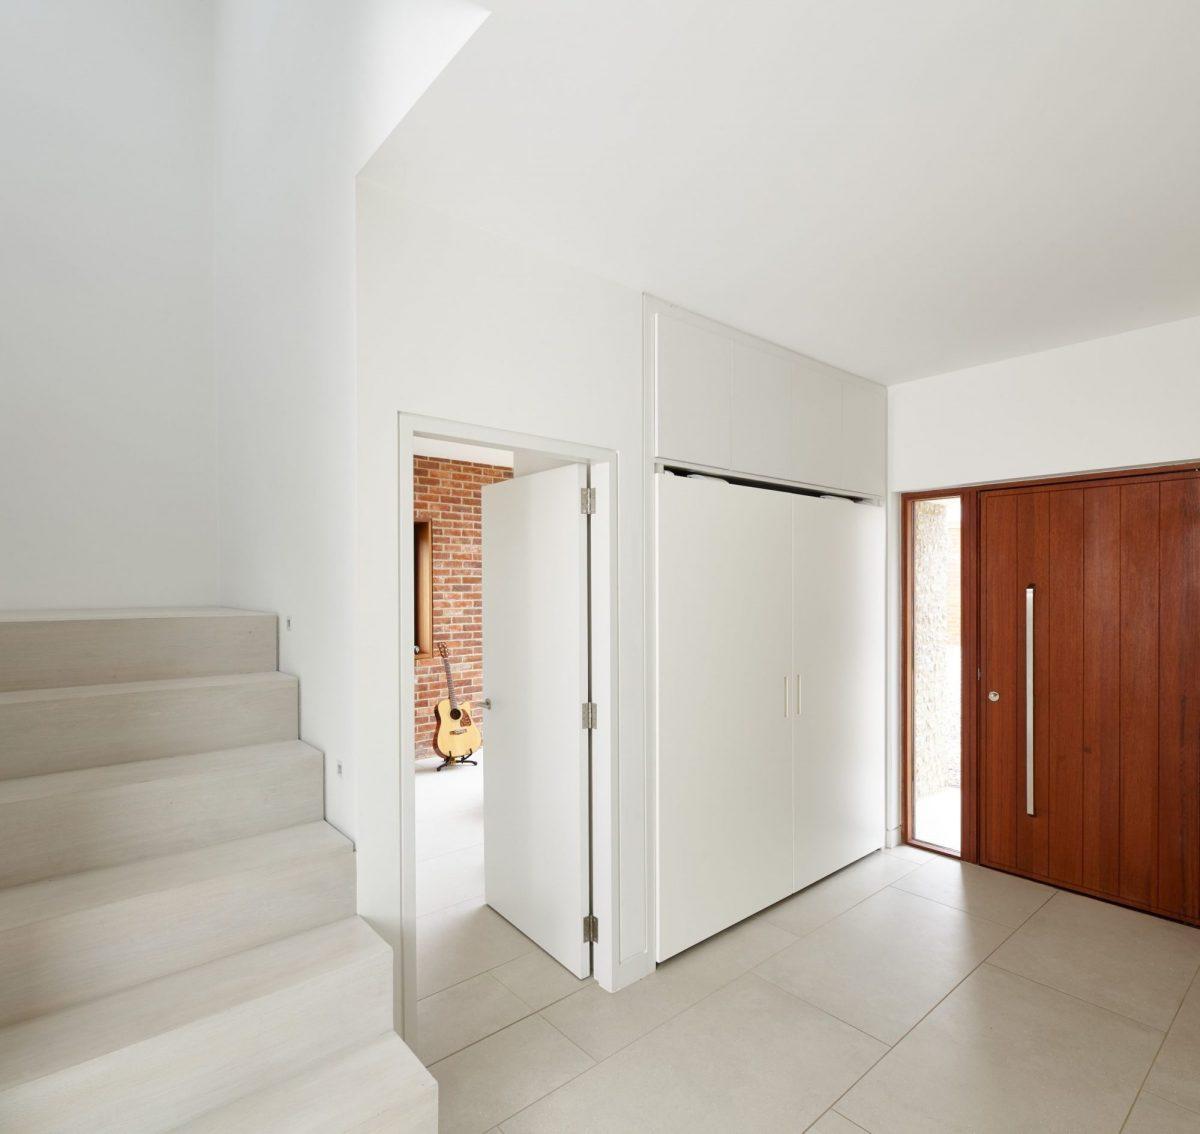 5urbanfront-door-in-hallway-1200x1200.jpg